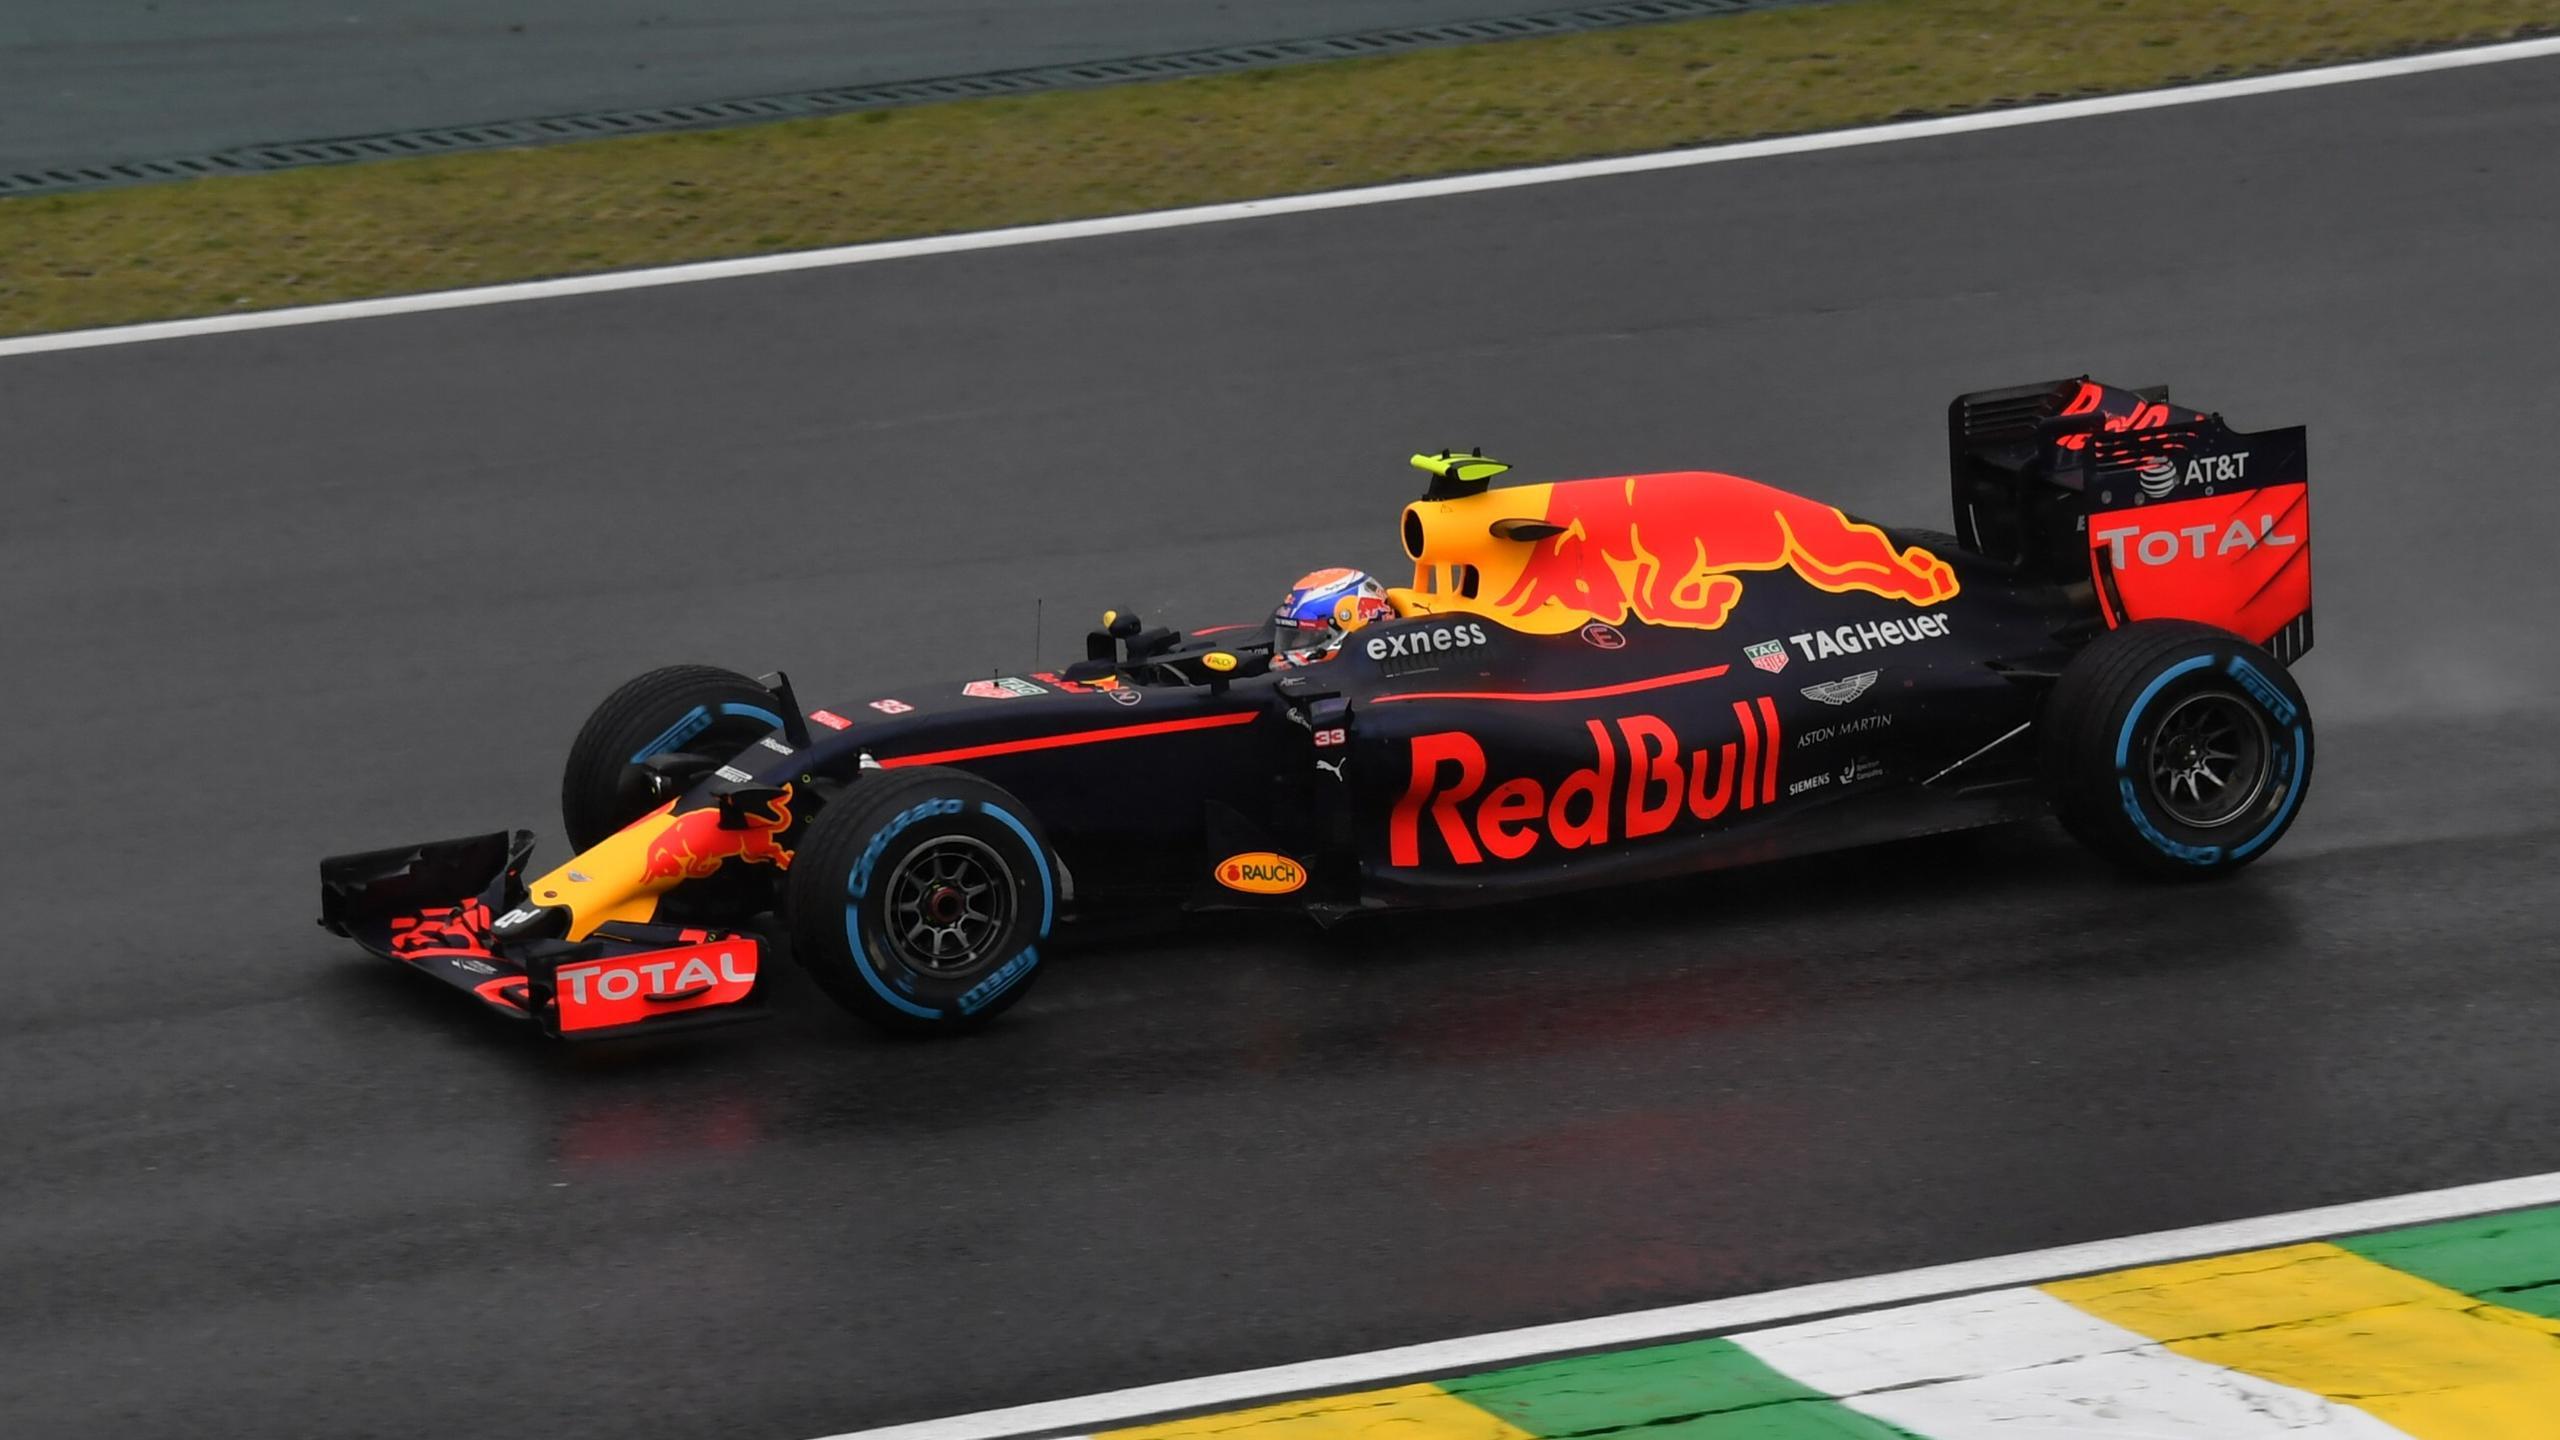 Max Verstappen (Red Bull) - GP of Brazil 2016